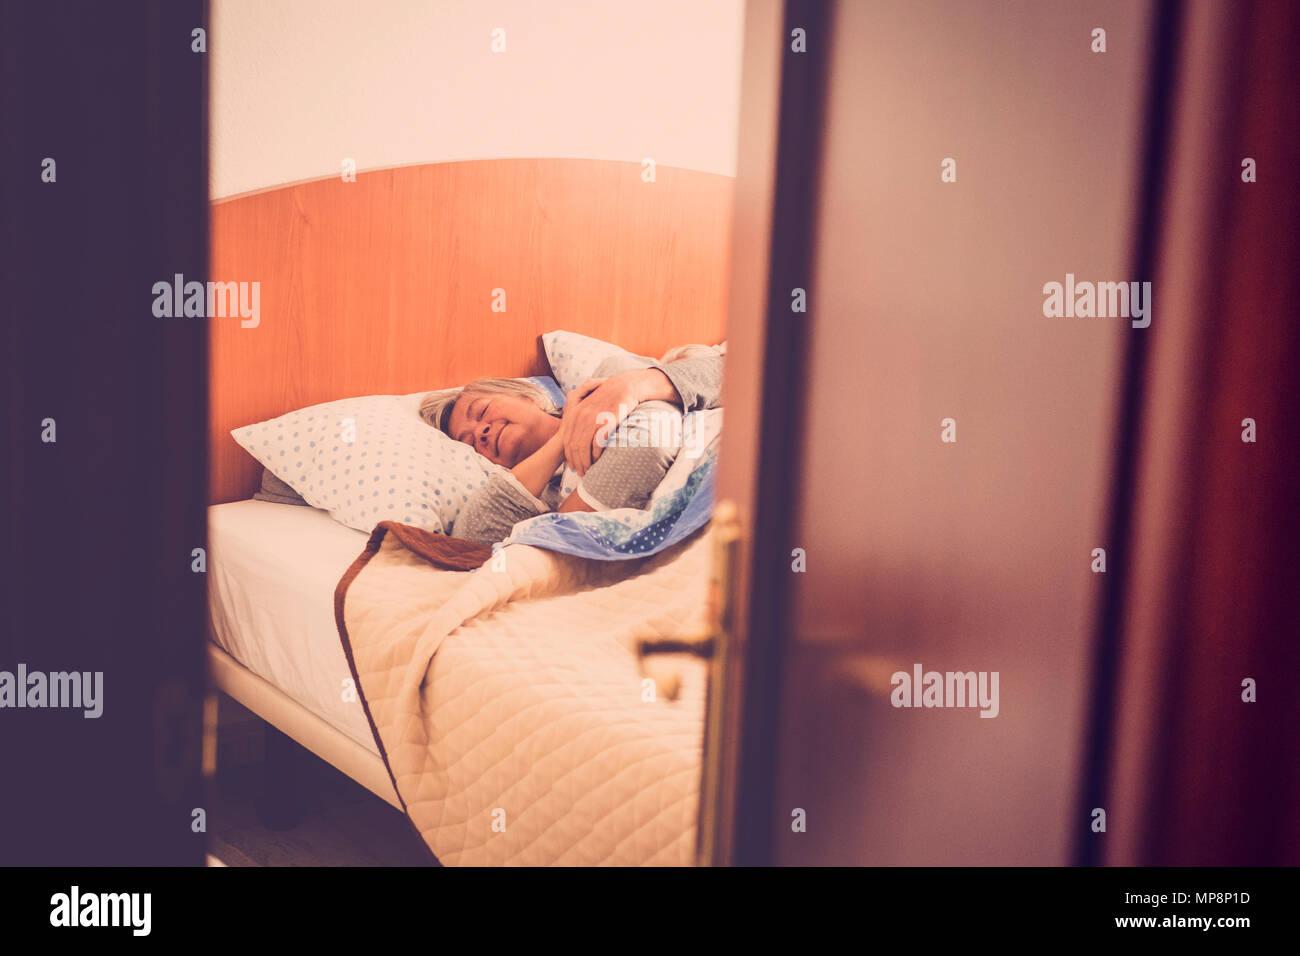 Adulto di età matura a dormire per la camera da letto di casa, indoor scena quotidiana per il dolce amore eterno. look rétro filtro. scena nascosta. dolcezza e anziani Immagini Stock